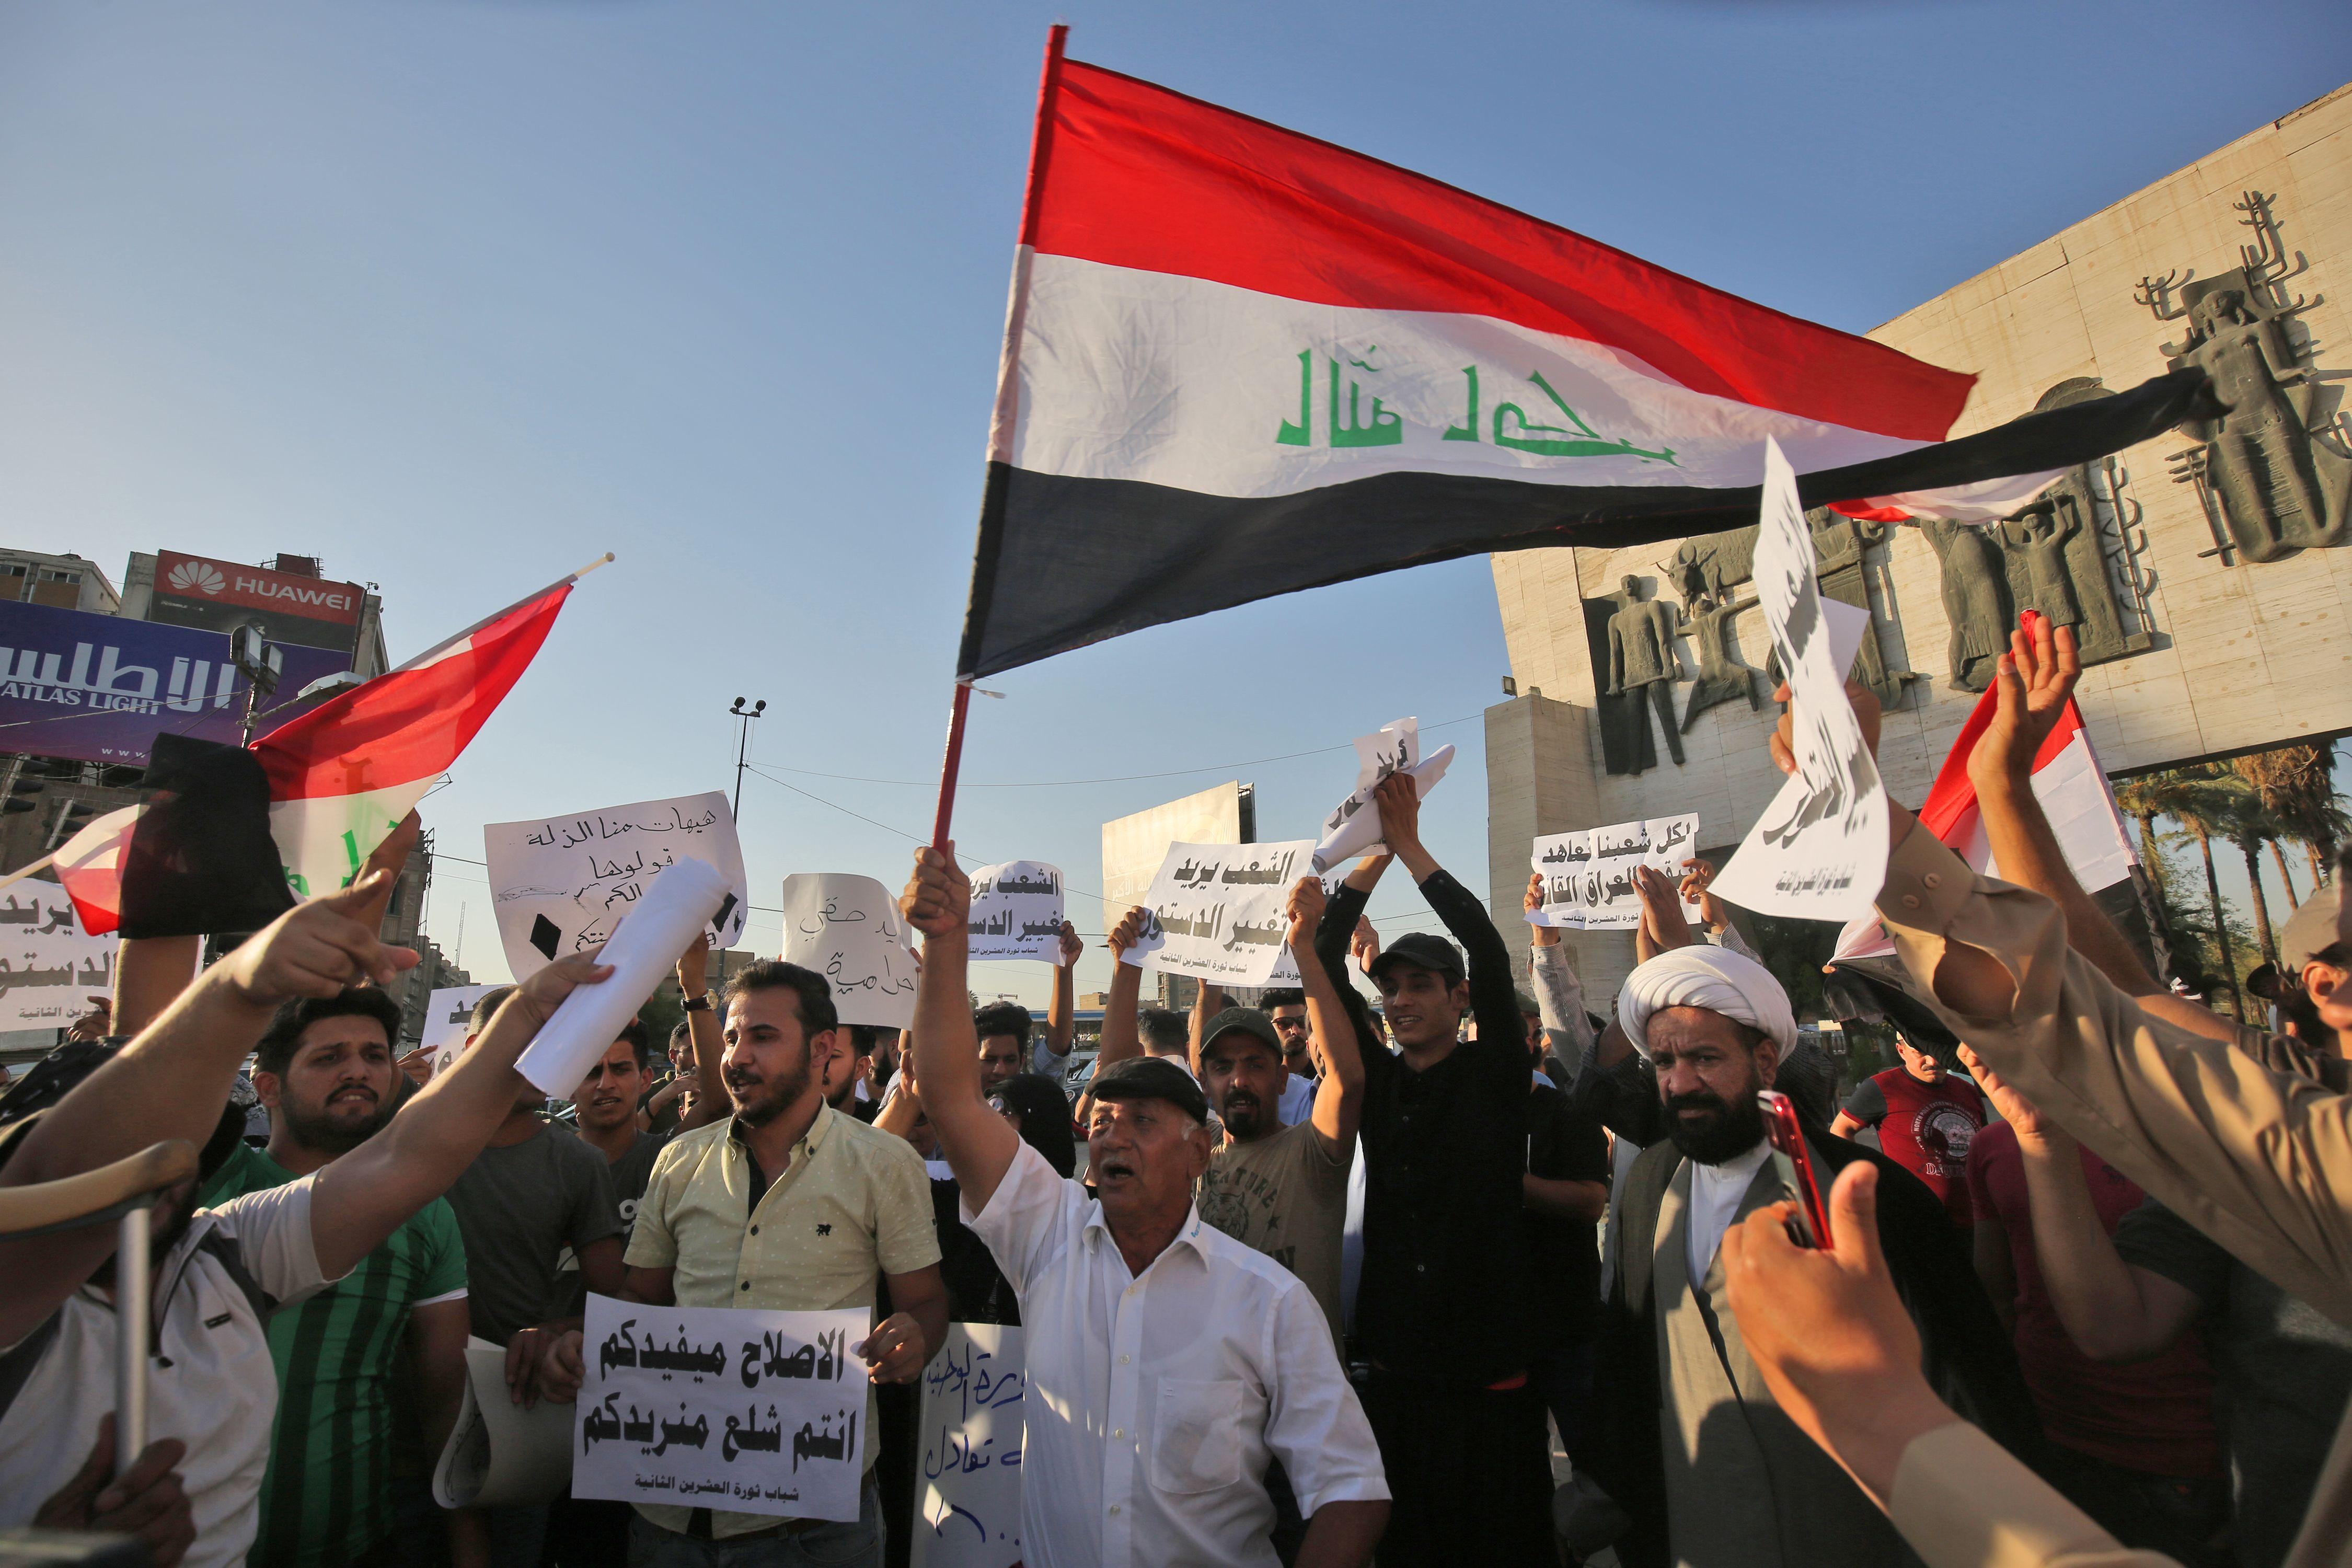 أزمات محتملة: العراق كساحة مواجهة بين إيران والولايات المتحدة